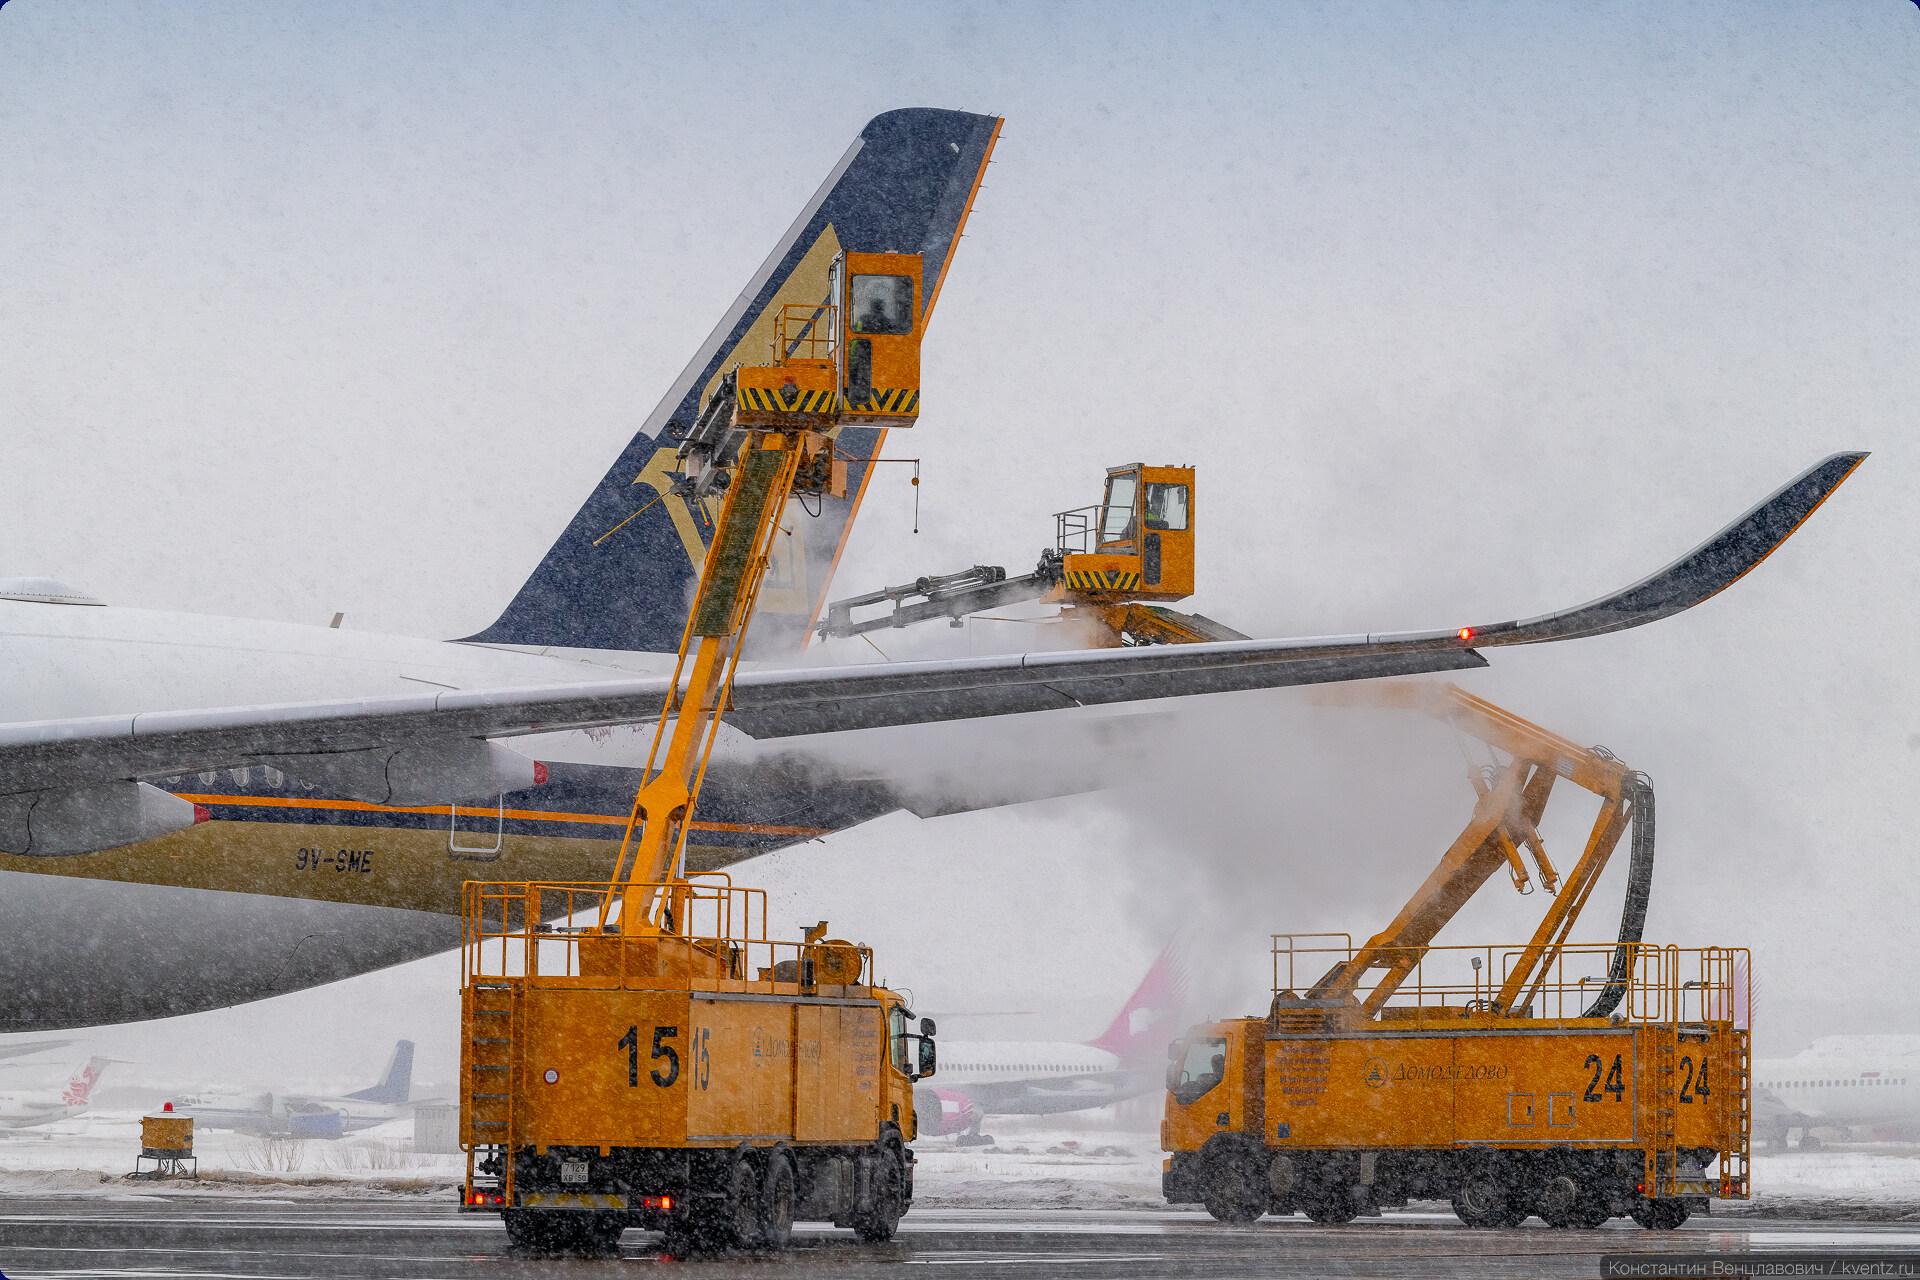 11. A350 в Домодедово обливает сразу две машины. Шум на снимке —самый разгар очередного снежного заряда.